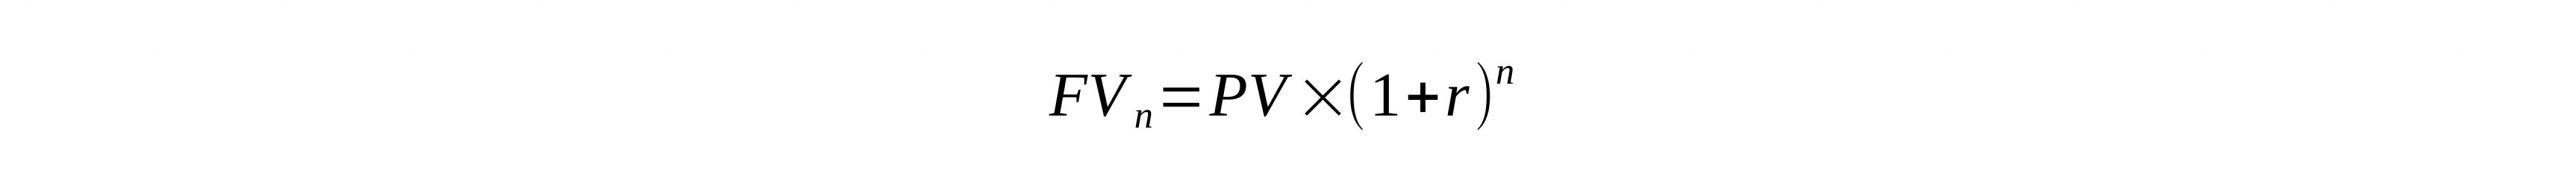 فرمول محاسبه سود مرکب